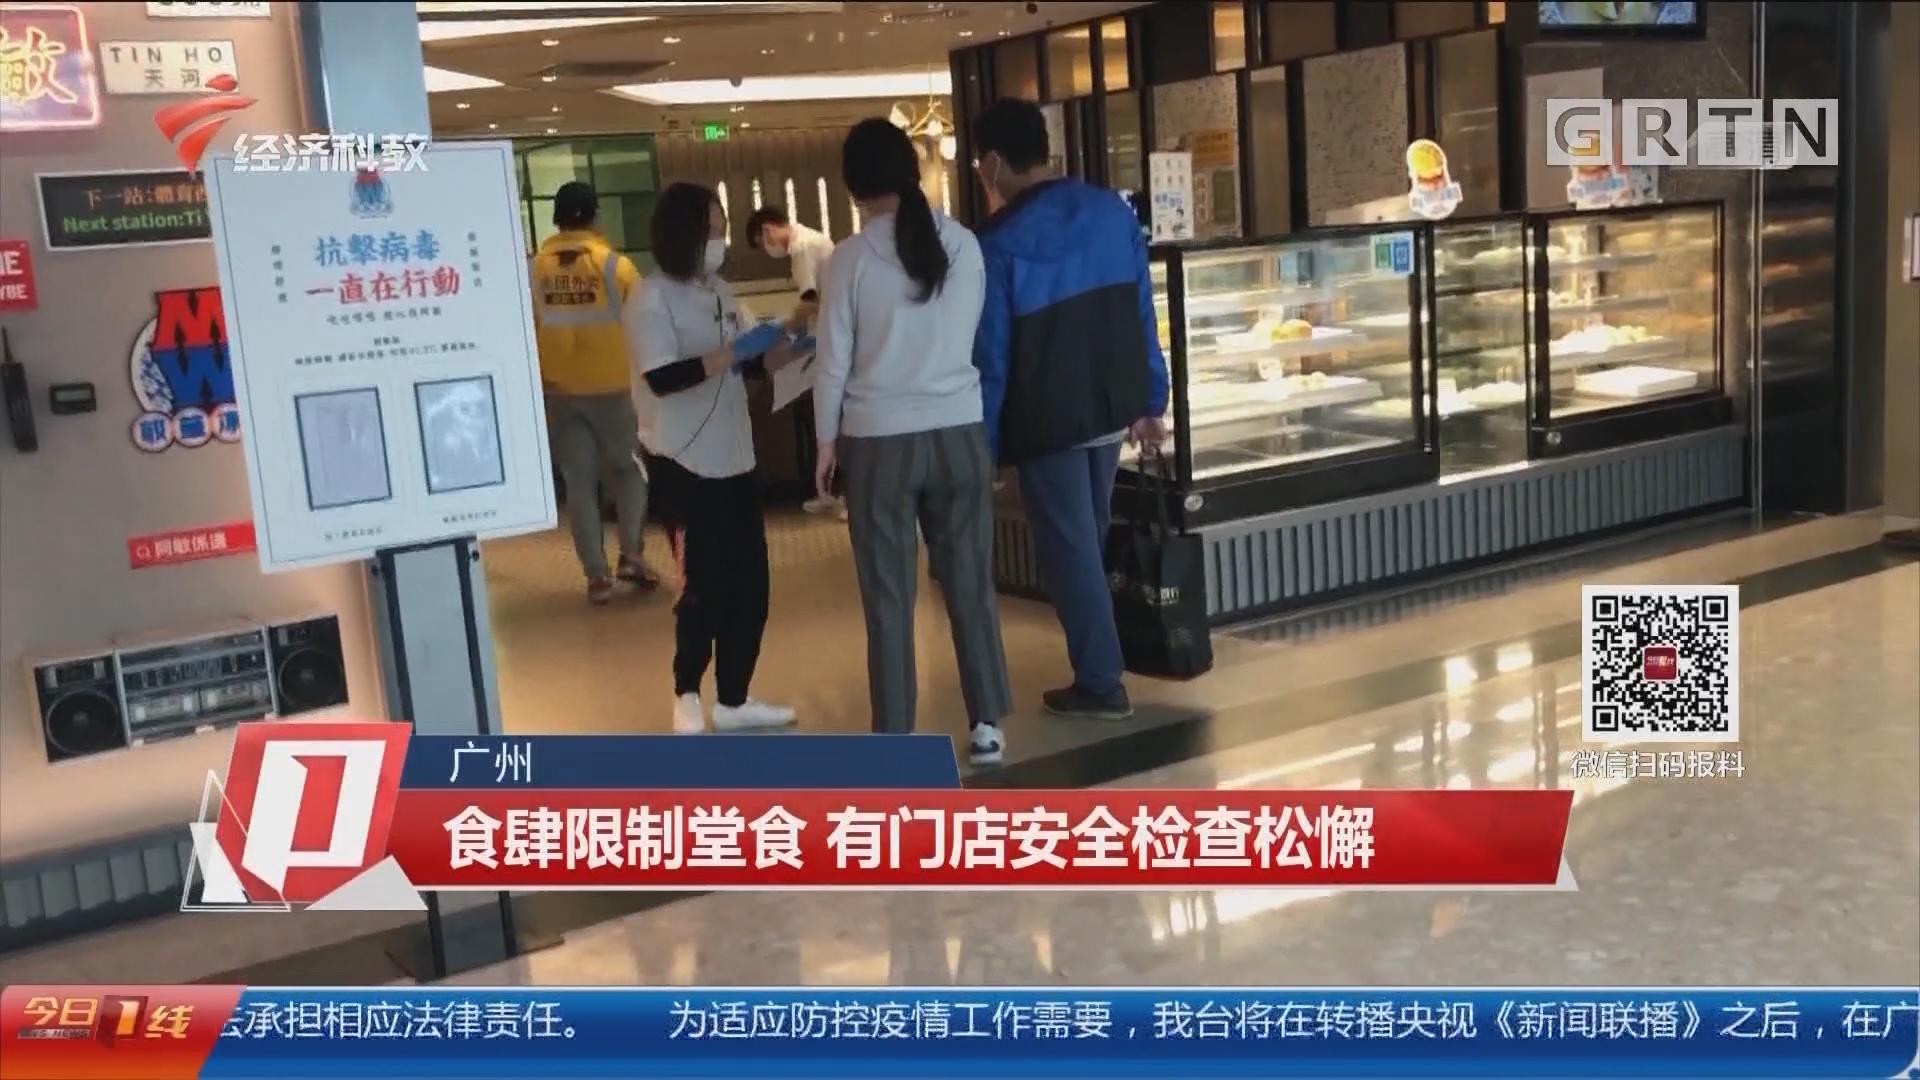 广州:食肆限制堂食 有门店安全检查松懈